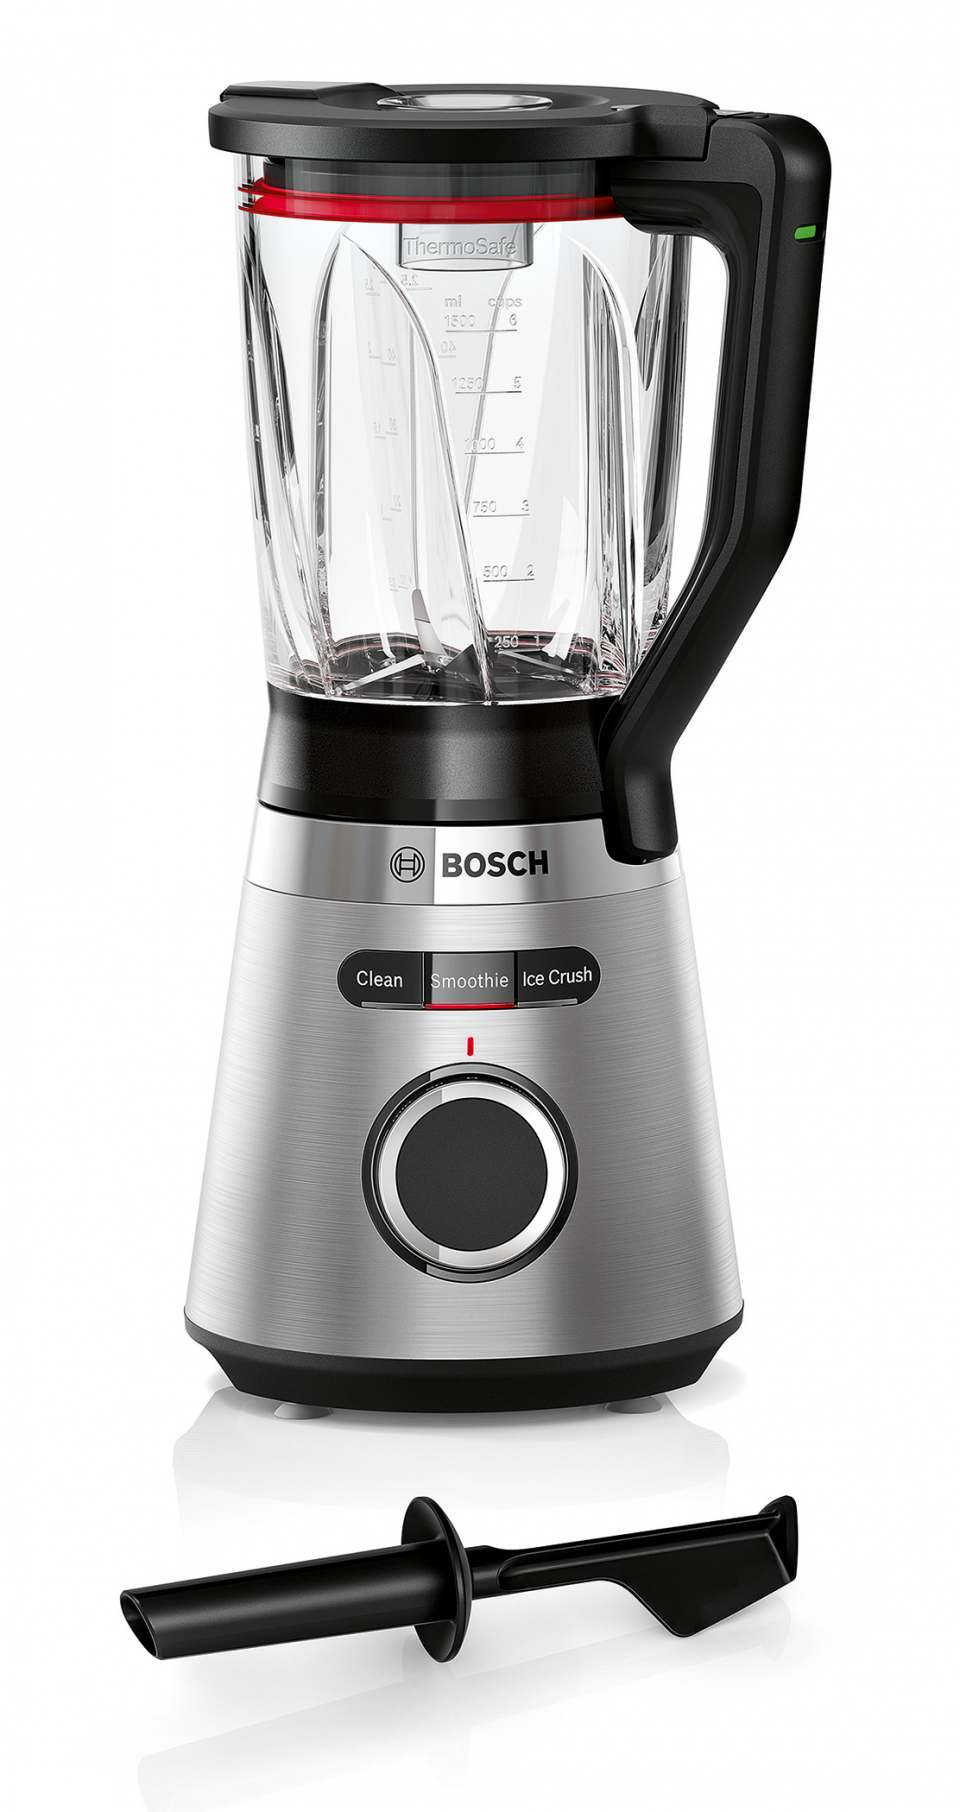 Bosch Mixer VitaPower Serie I 4 mit Automatik-Programmen.